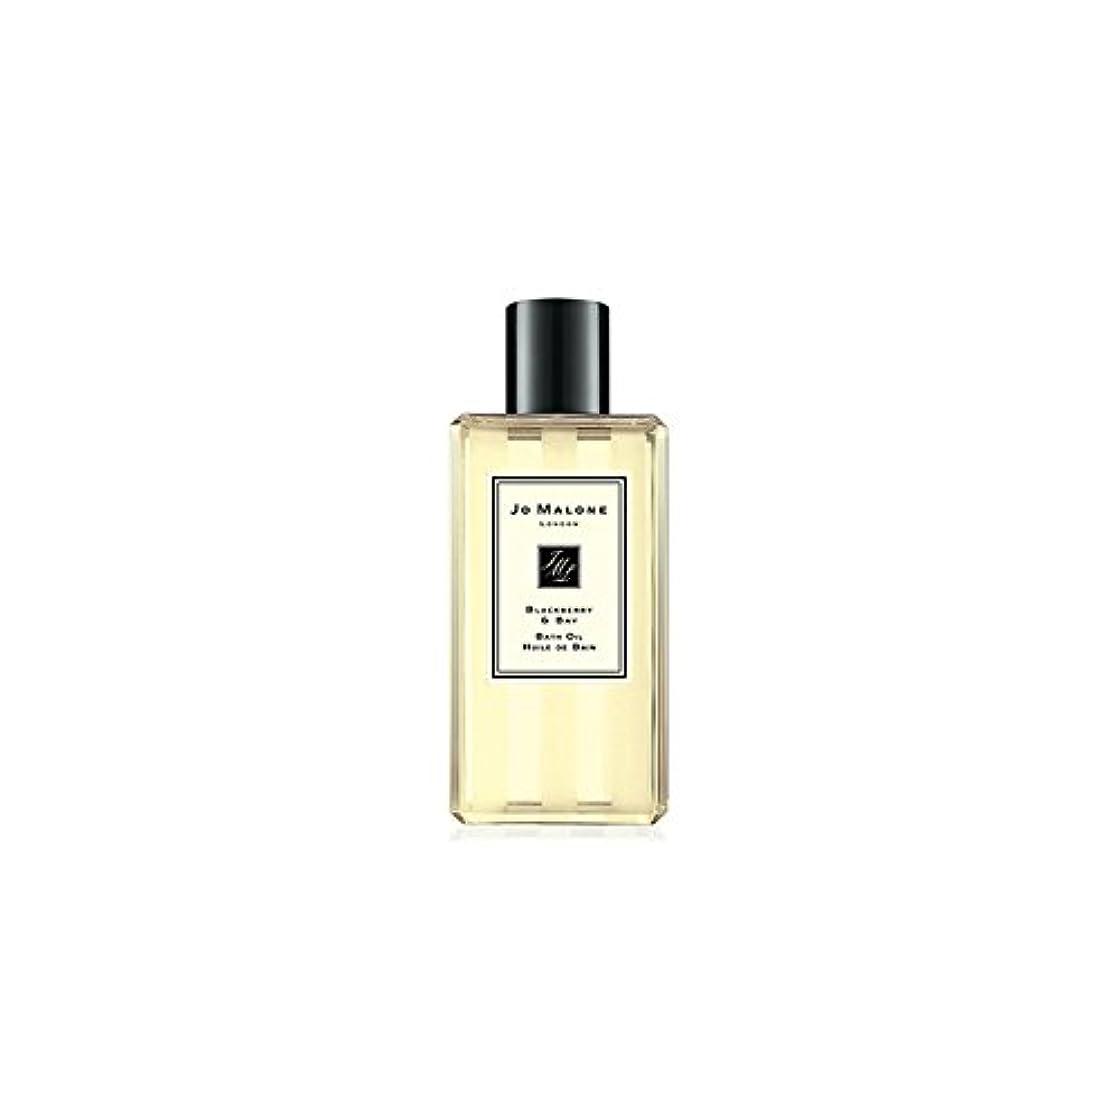 アジャシールシールジョーマローンブラックベリー&ベイバスオイル - 250ミリリットル - Jo Malone Blackberry & Bay Bath Oil - 250ml (Jo Malone) [並行輸入品]